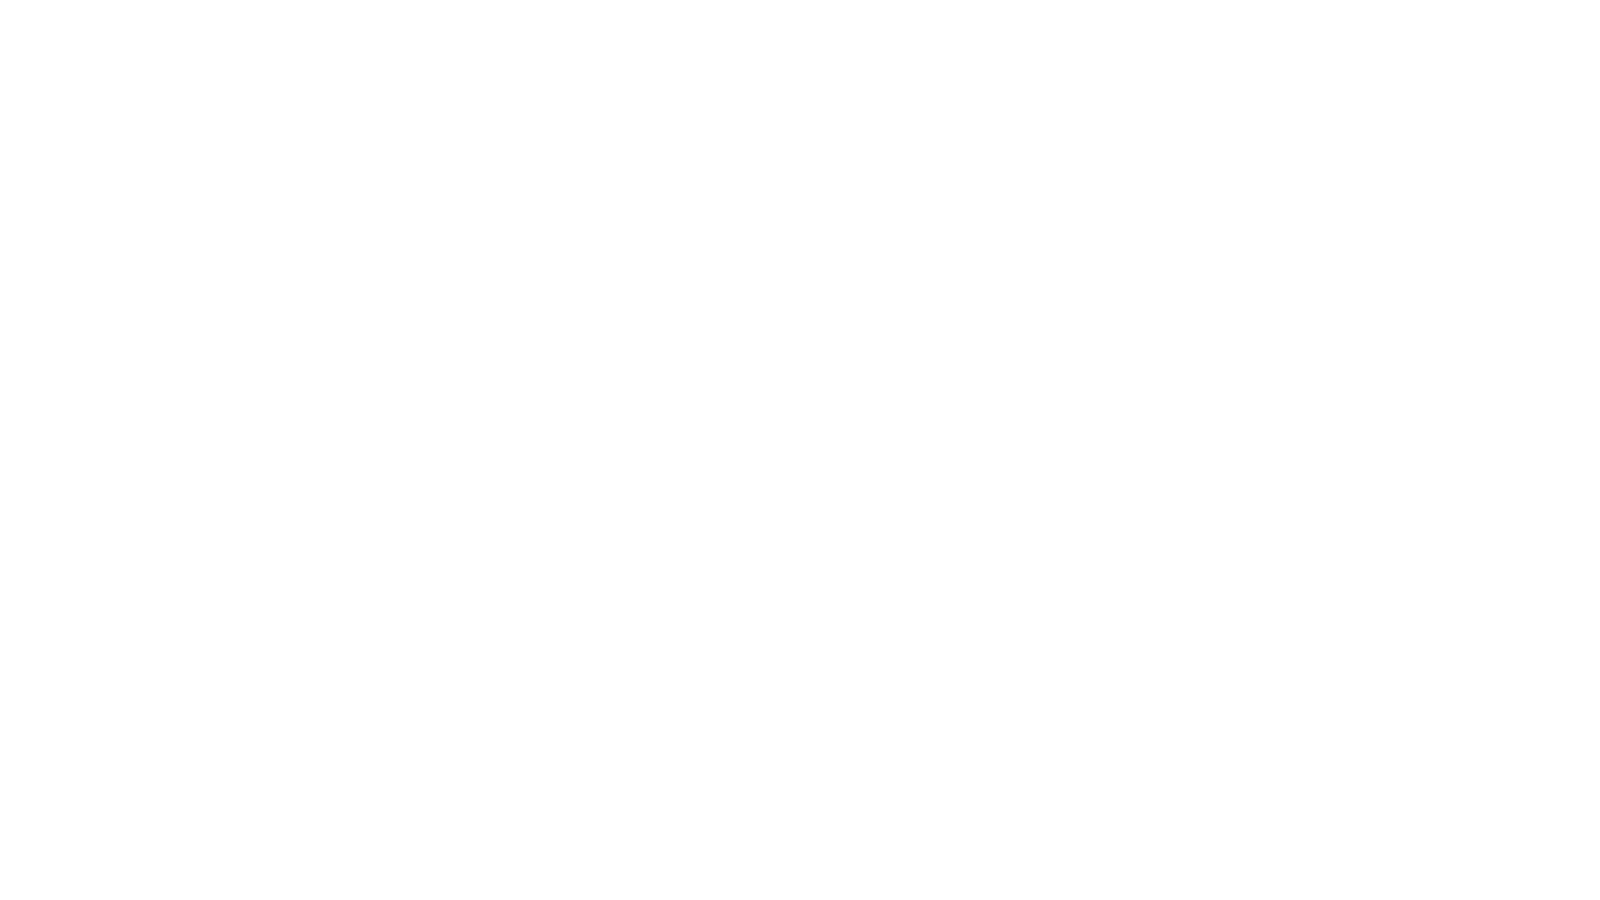 Il 09/10 Giugno  si sono tenute due giornate di formazione👨🏫 sul progetto About Office - Wellness in Office ed in particolare sul purificatore d'aria professionale O2air, svolte presso la nostra sede.  ✅Un workshop incentrato sull'importanza della qualità dell'aria🌬 negli ambienti indoor e la salvaguardia della nostra salute.  Ringraziamo tutti i partecipanti per la loro presenza e l'interesse dimostrato!